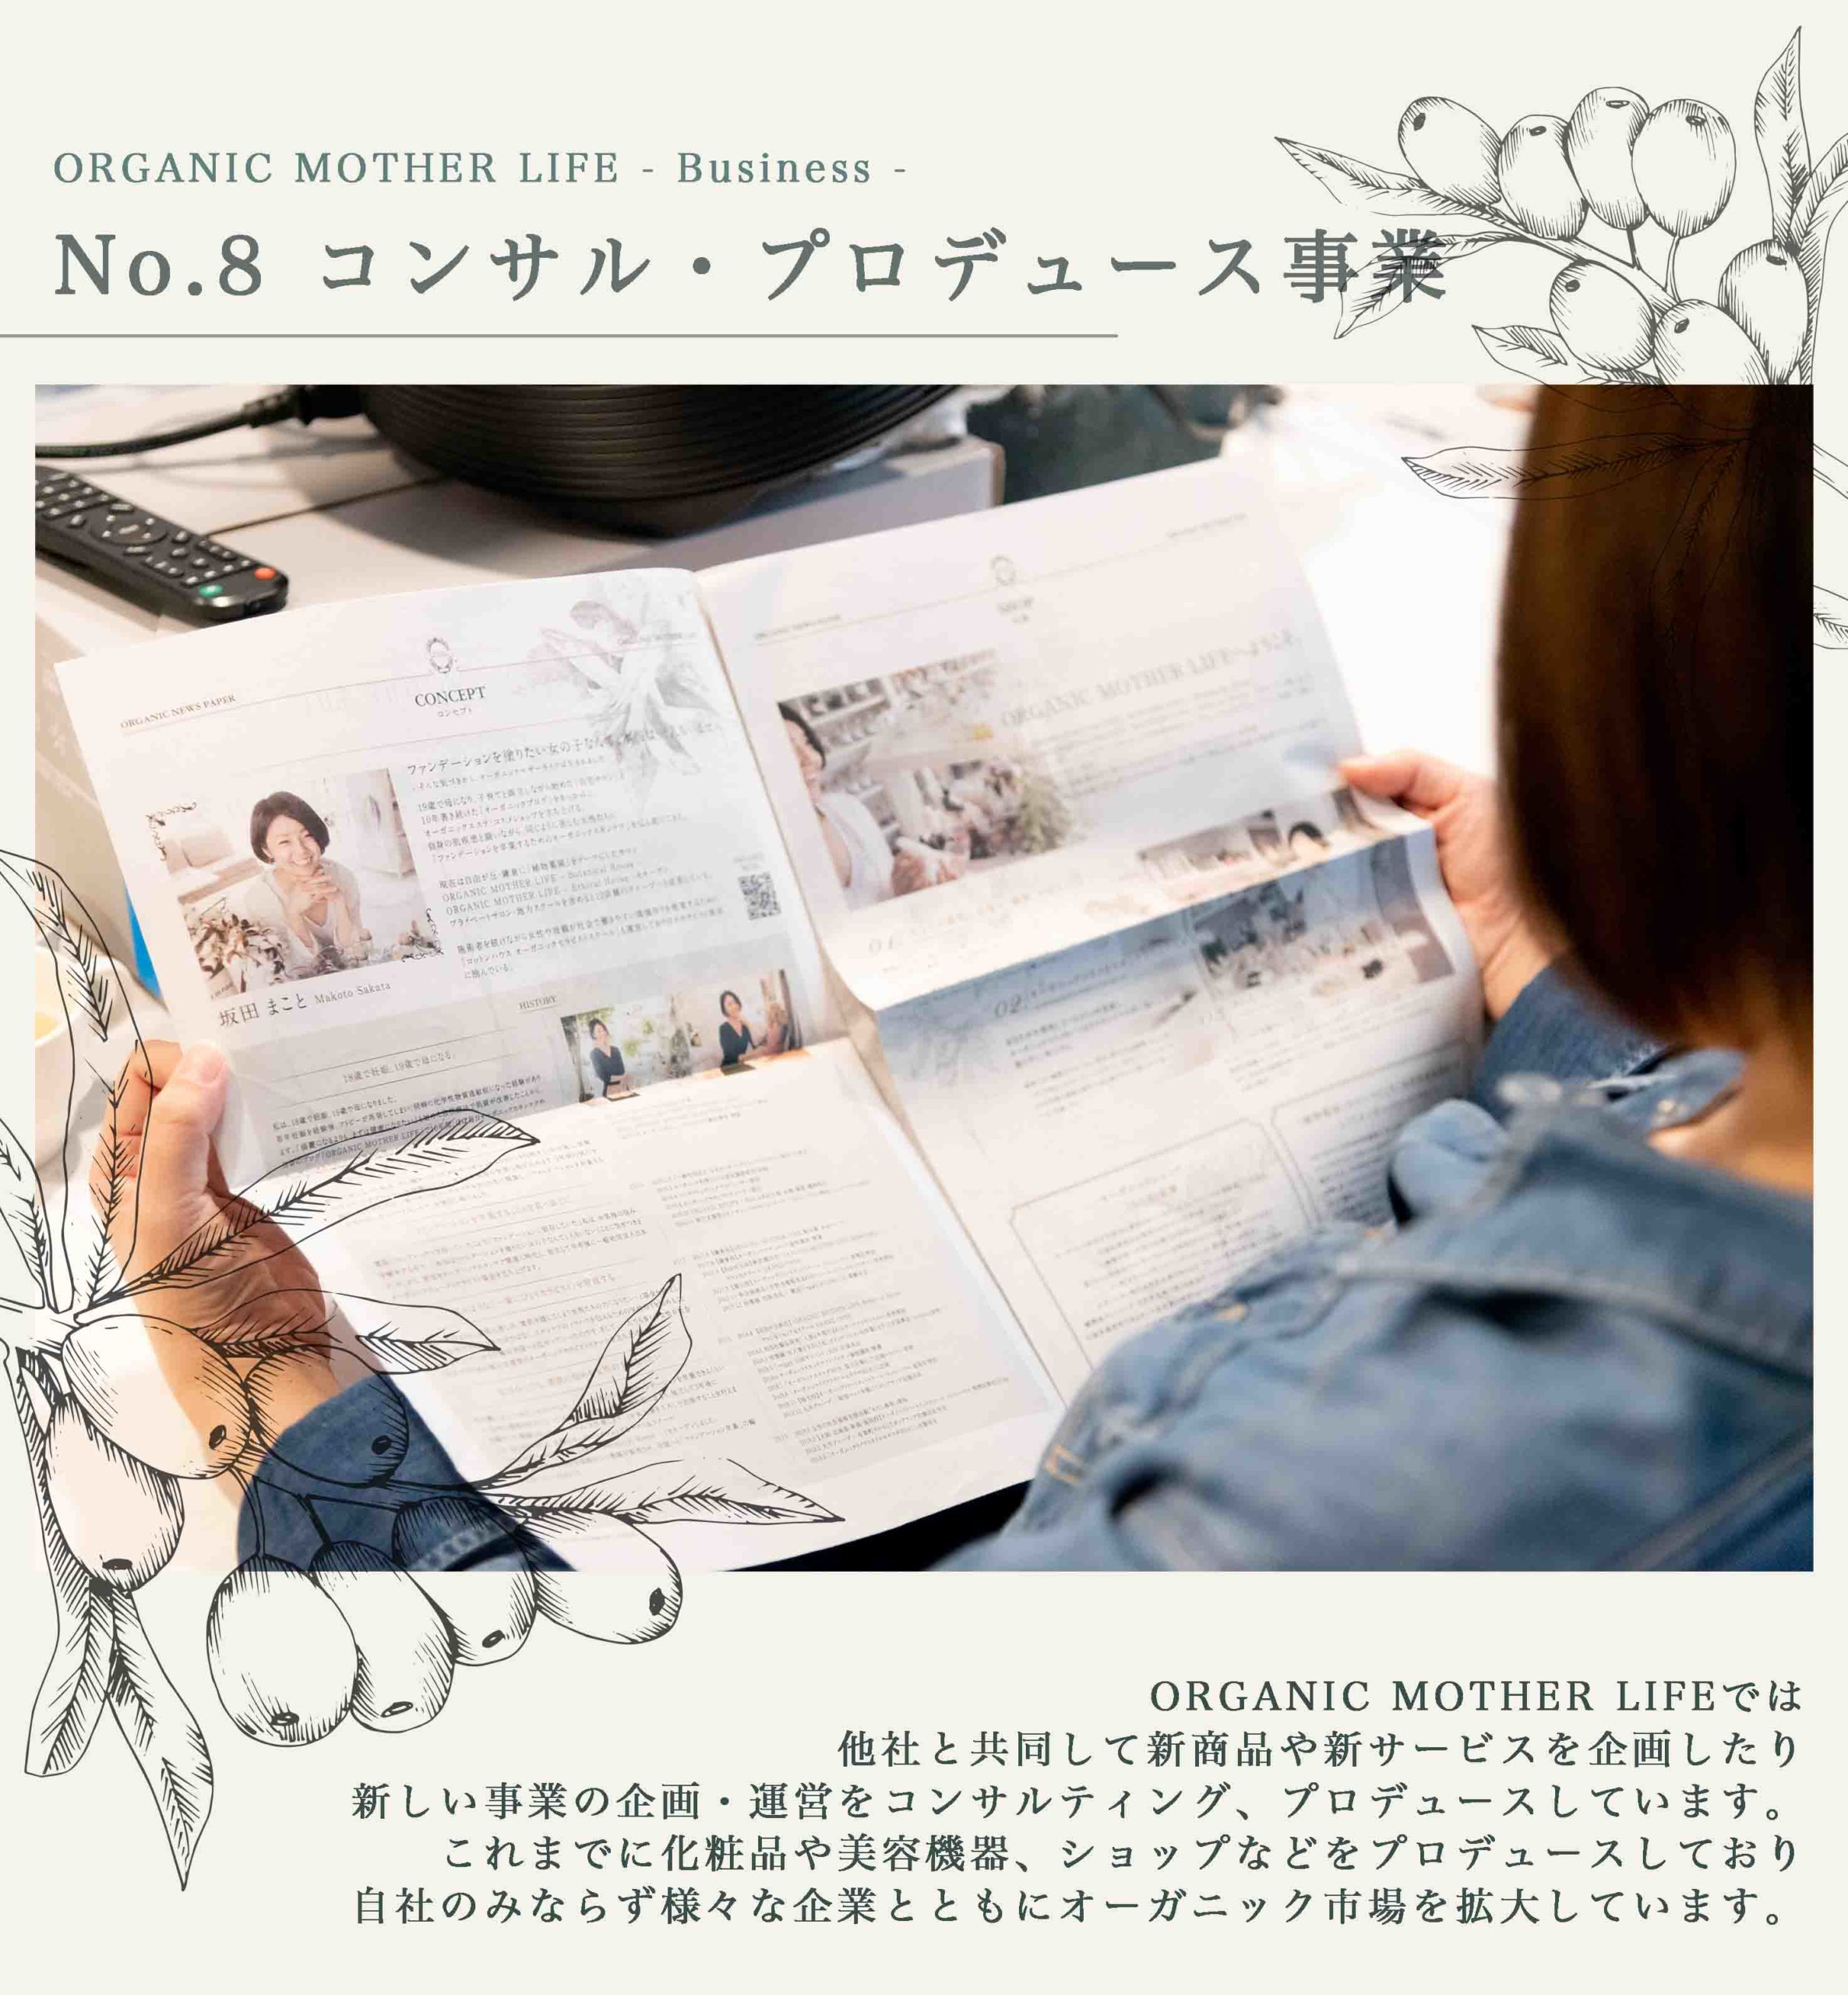 No.8 コンサル・プロデュース事業